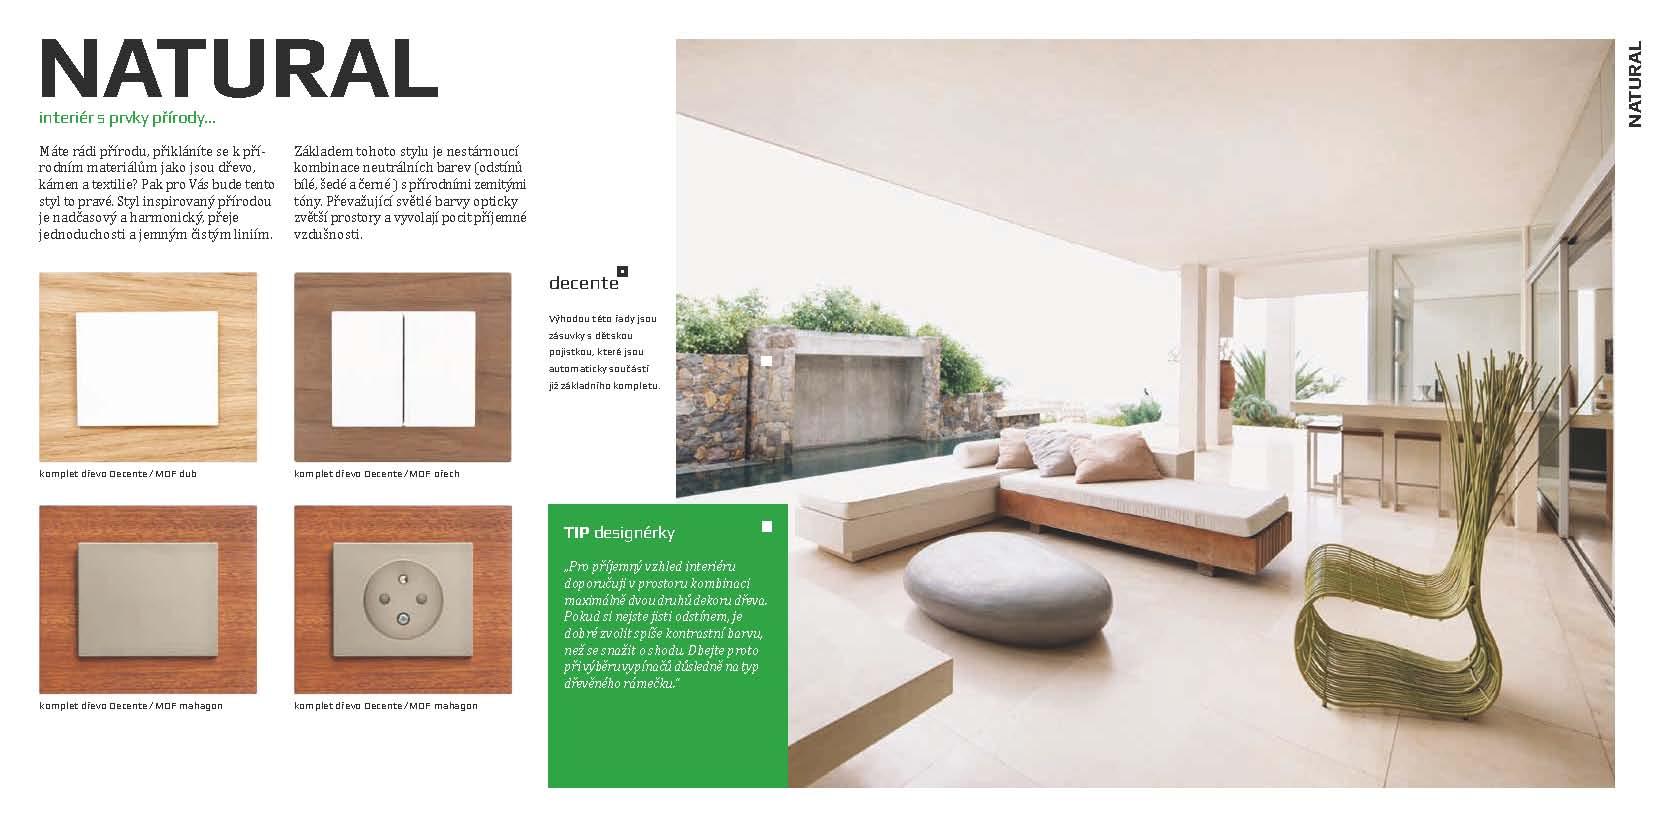 Home Design Zlín Part - 26: Decente Frame Metal Decente Frame Wood ...